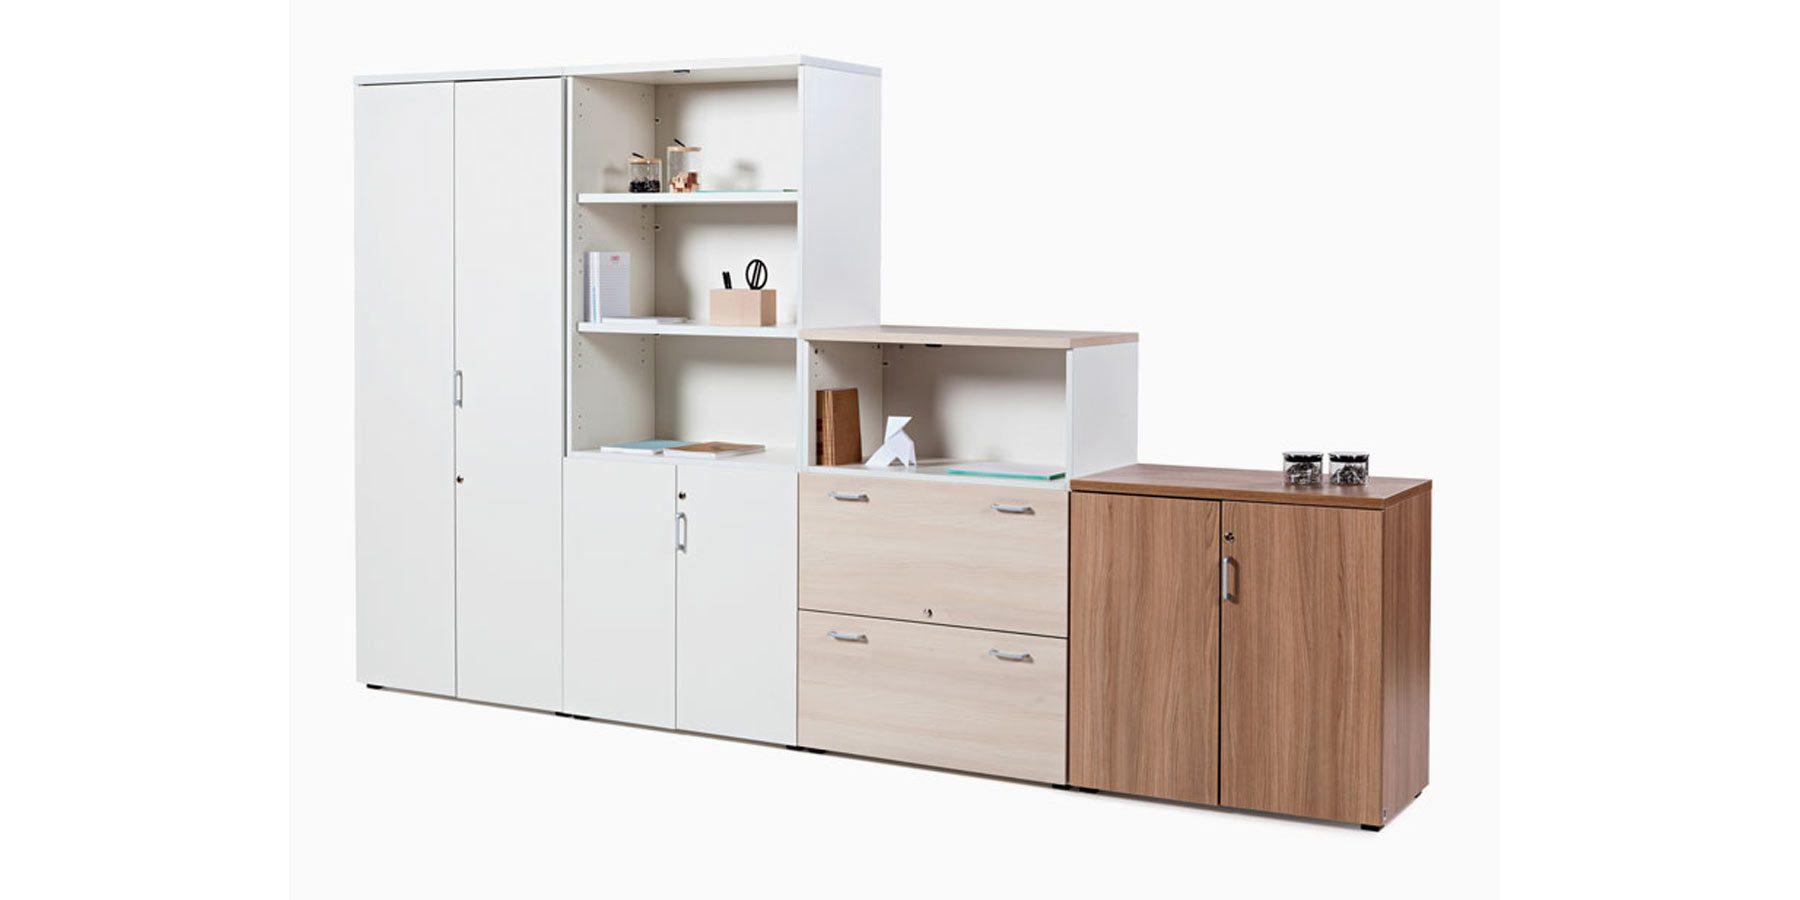 Muebles de melamina de chapa y macizos Caractersticas y